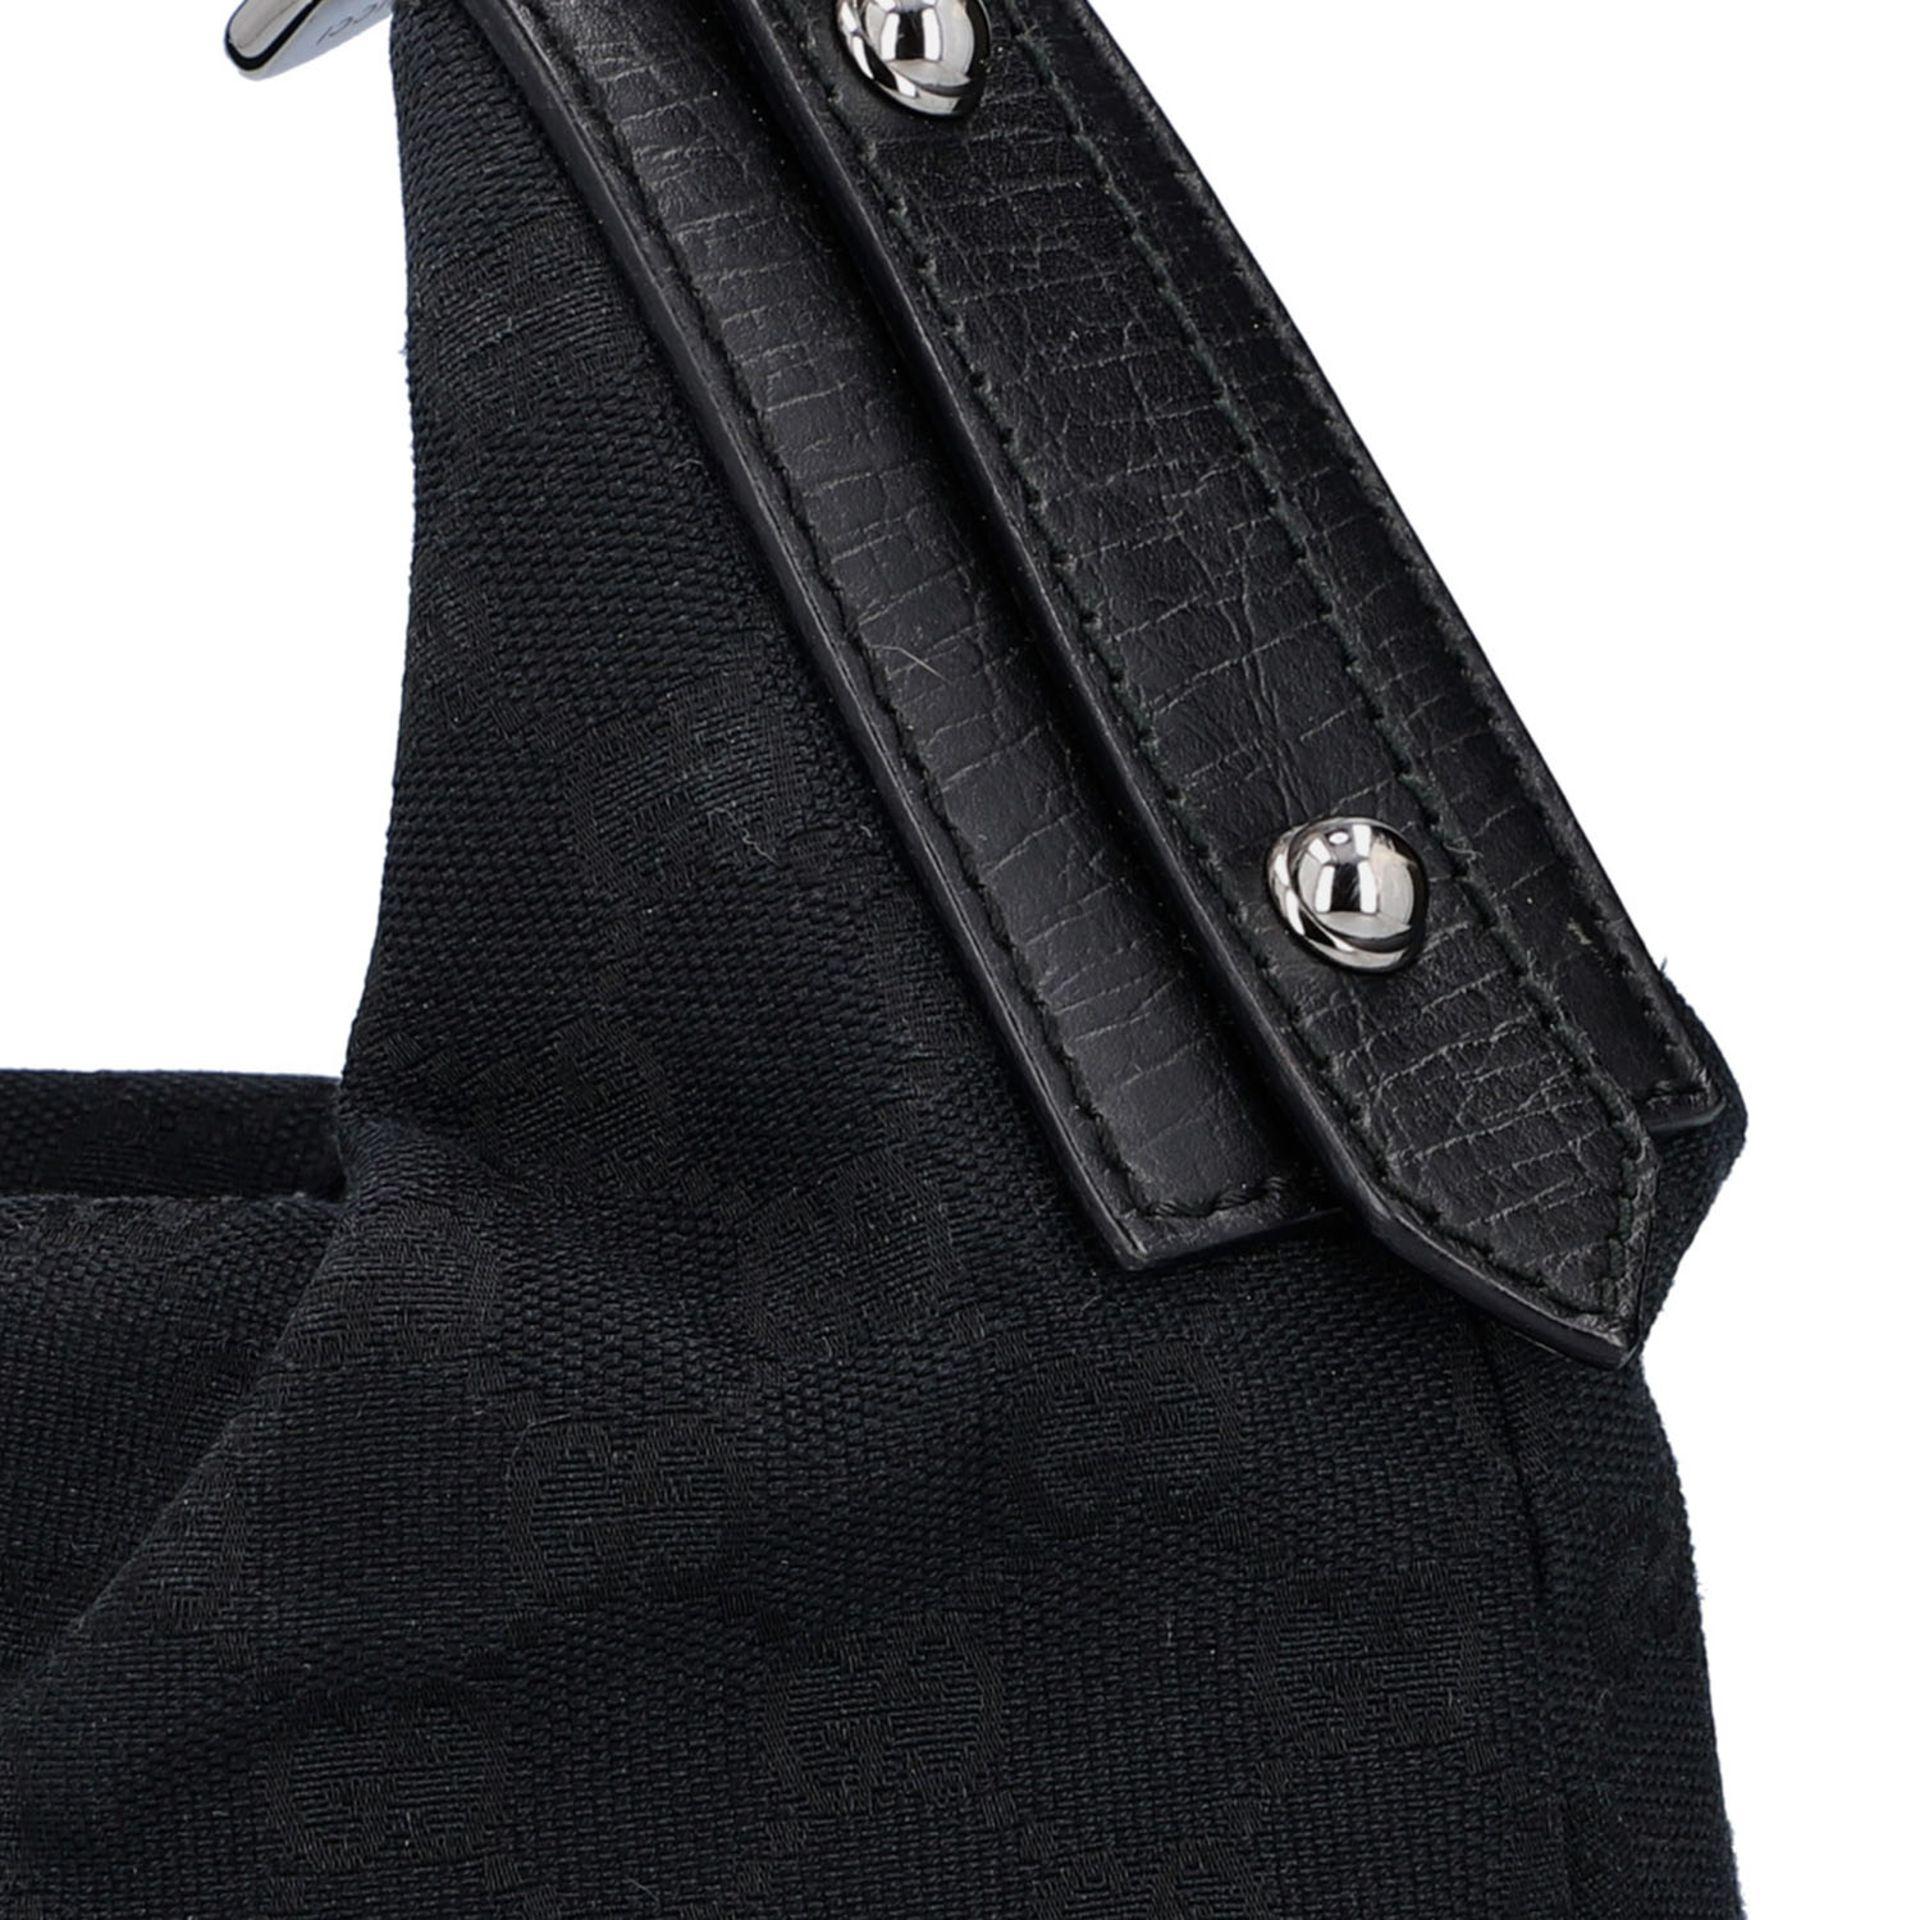 GUCCI Handtasche. Guccissima Design auf schwarzem Textil mit silberfarbener Hardware, - Image 7 of 8